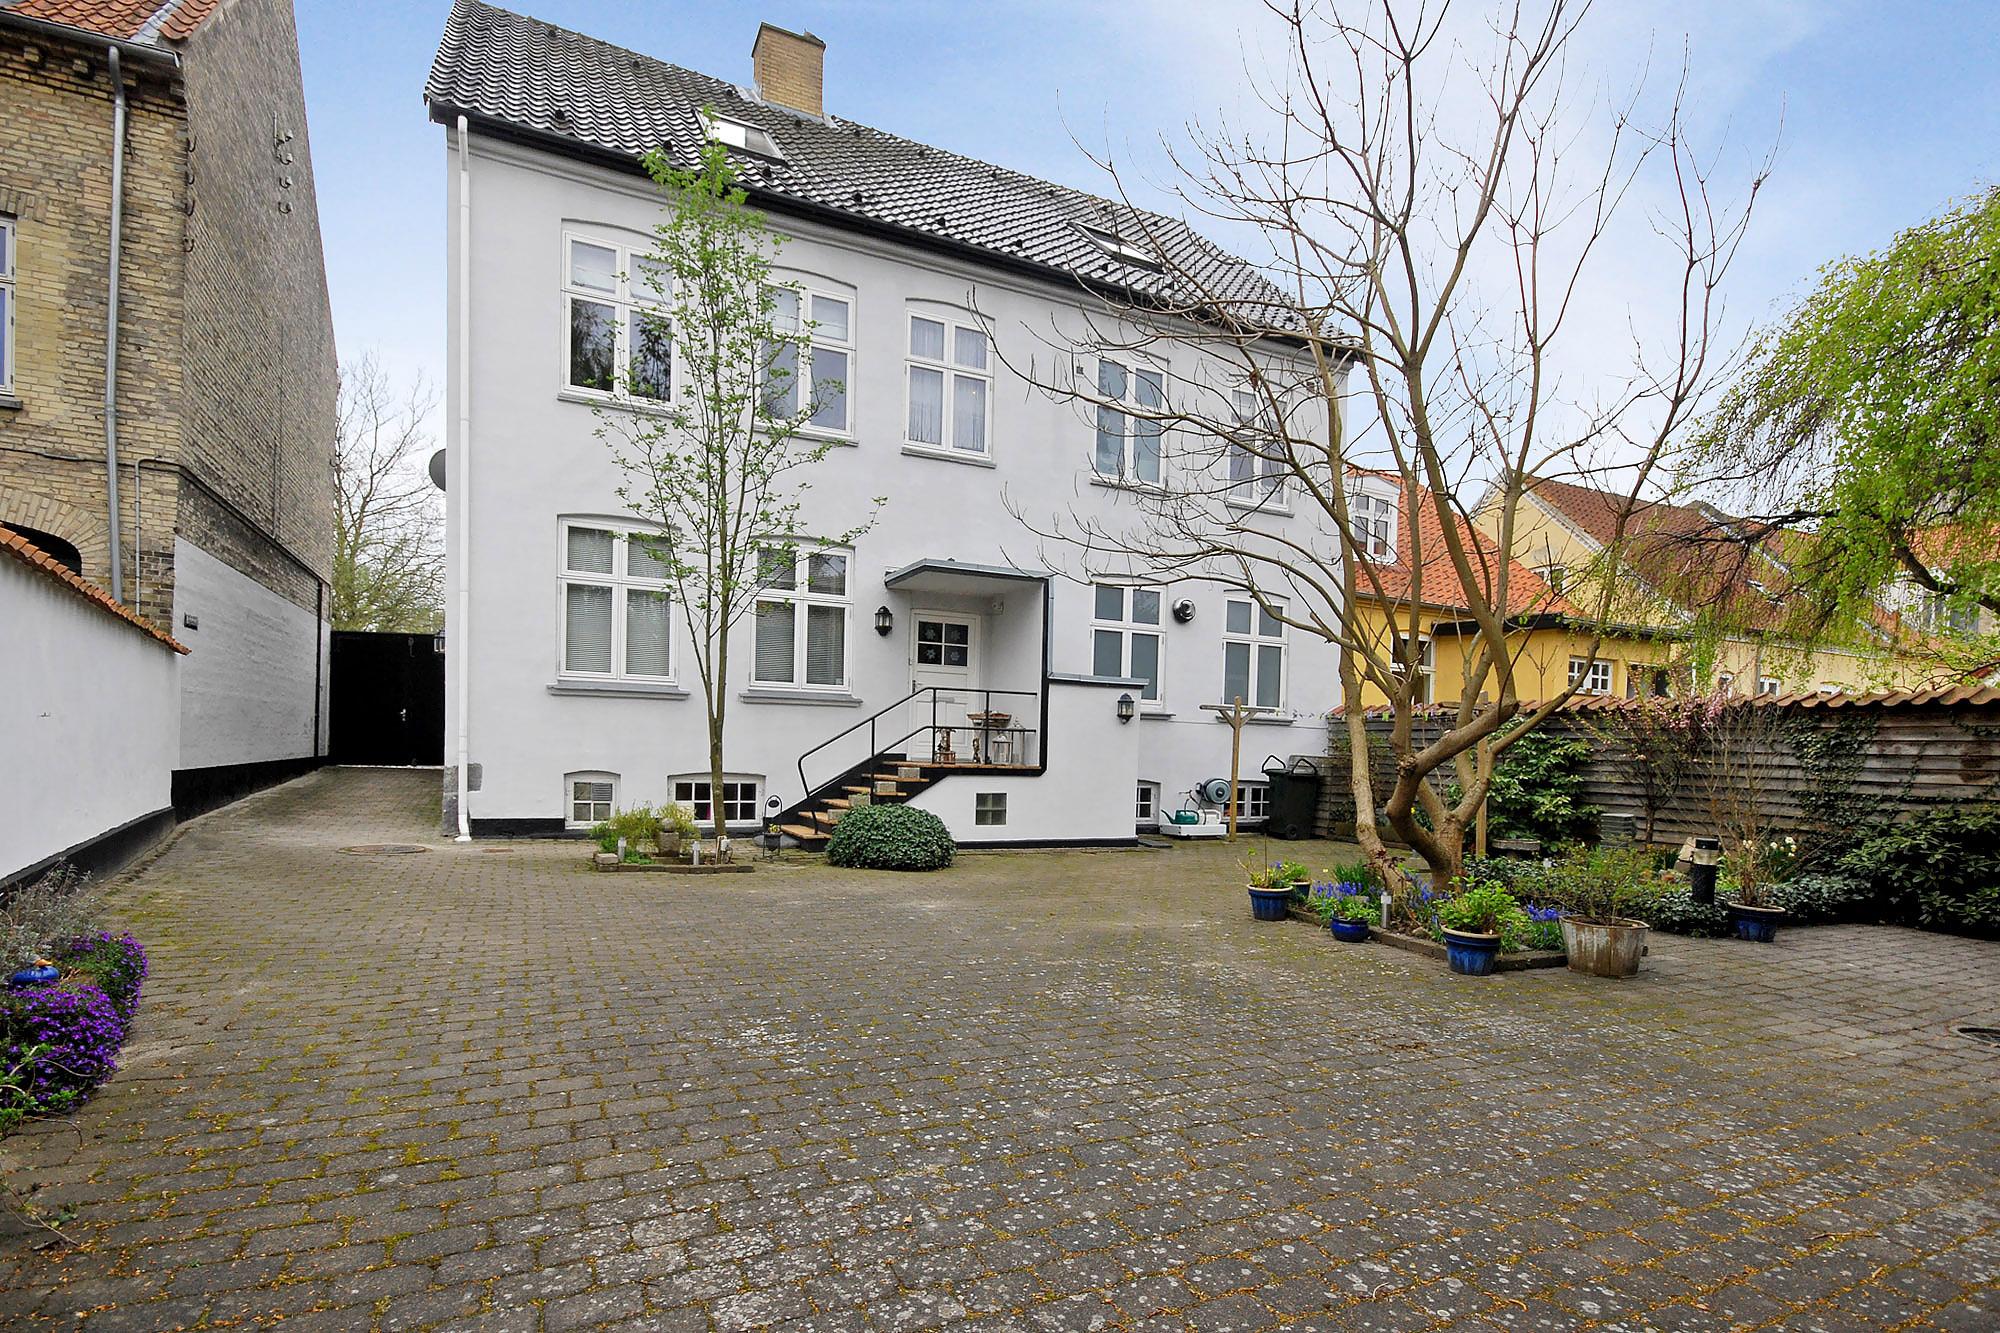 Villa på 306 kvm. Dronningensgade 23 i 4800 Nykøbing F til kr. 2.695.000